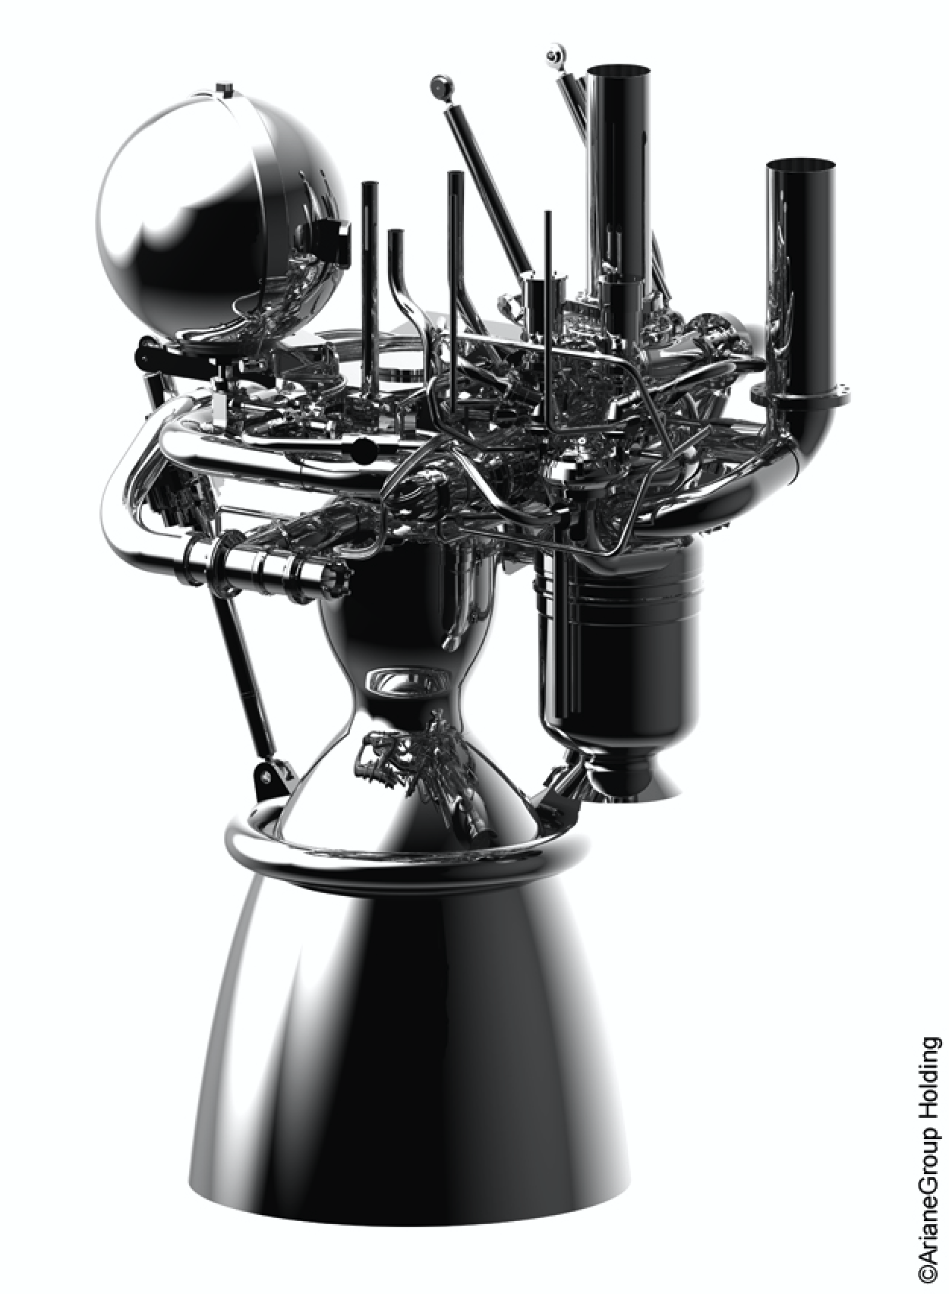 ArianeGroup advances on Prometheus programme